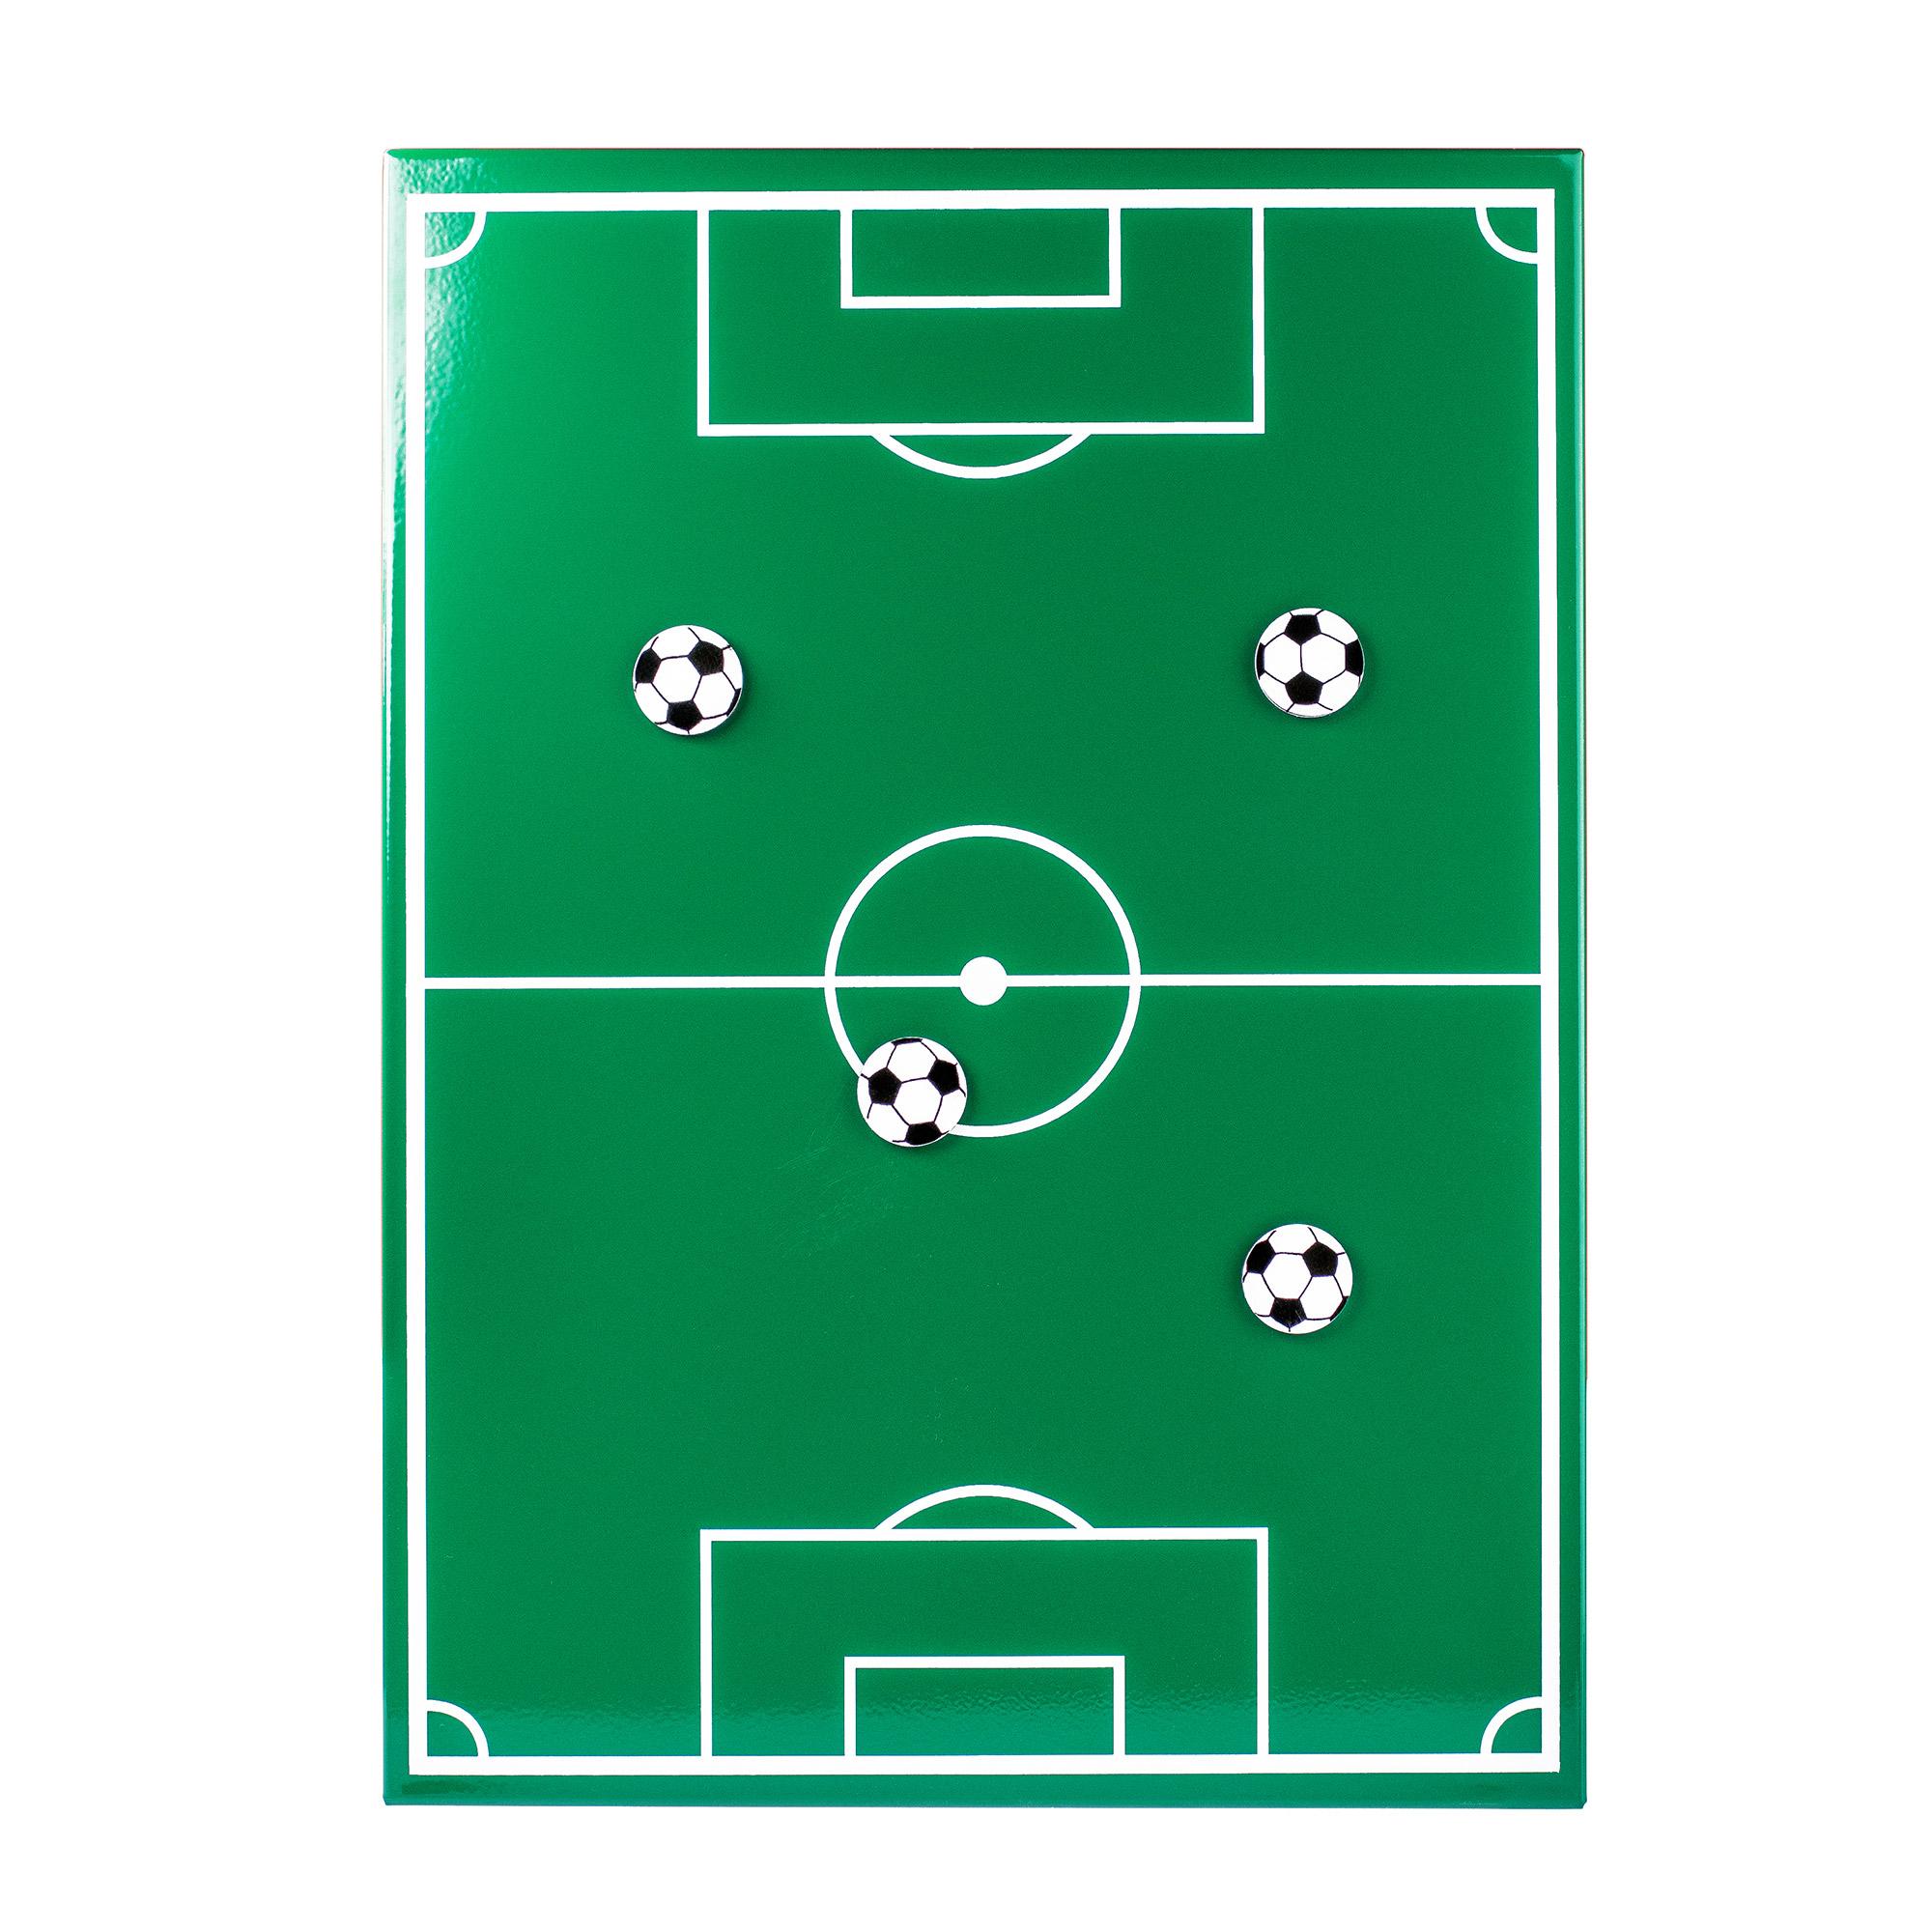 Magnettafel Fussball Memoboard Inklusive Vier Ball Magneten